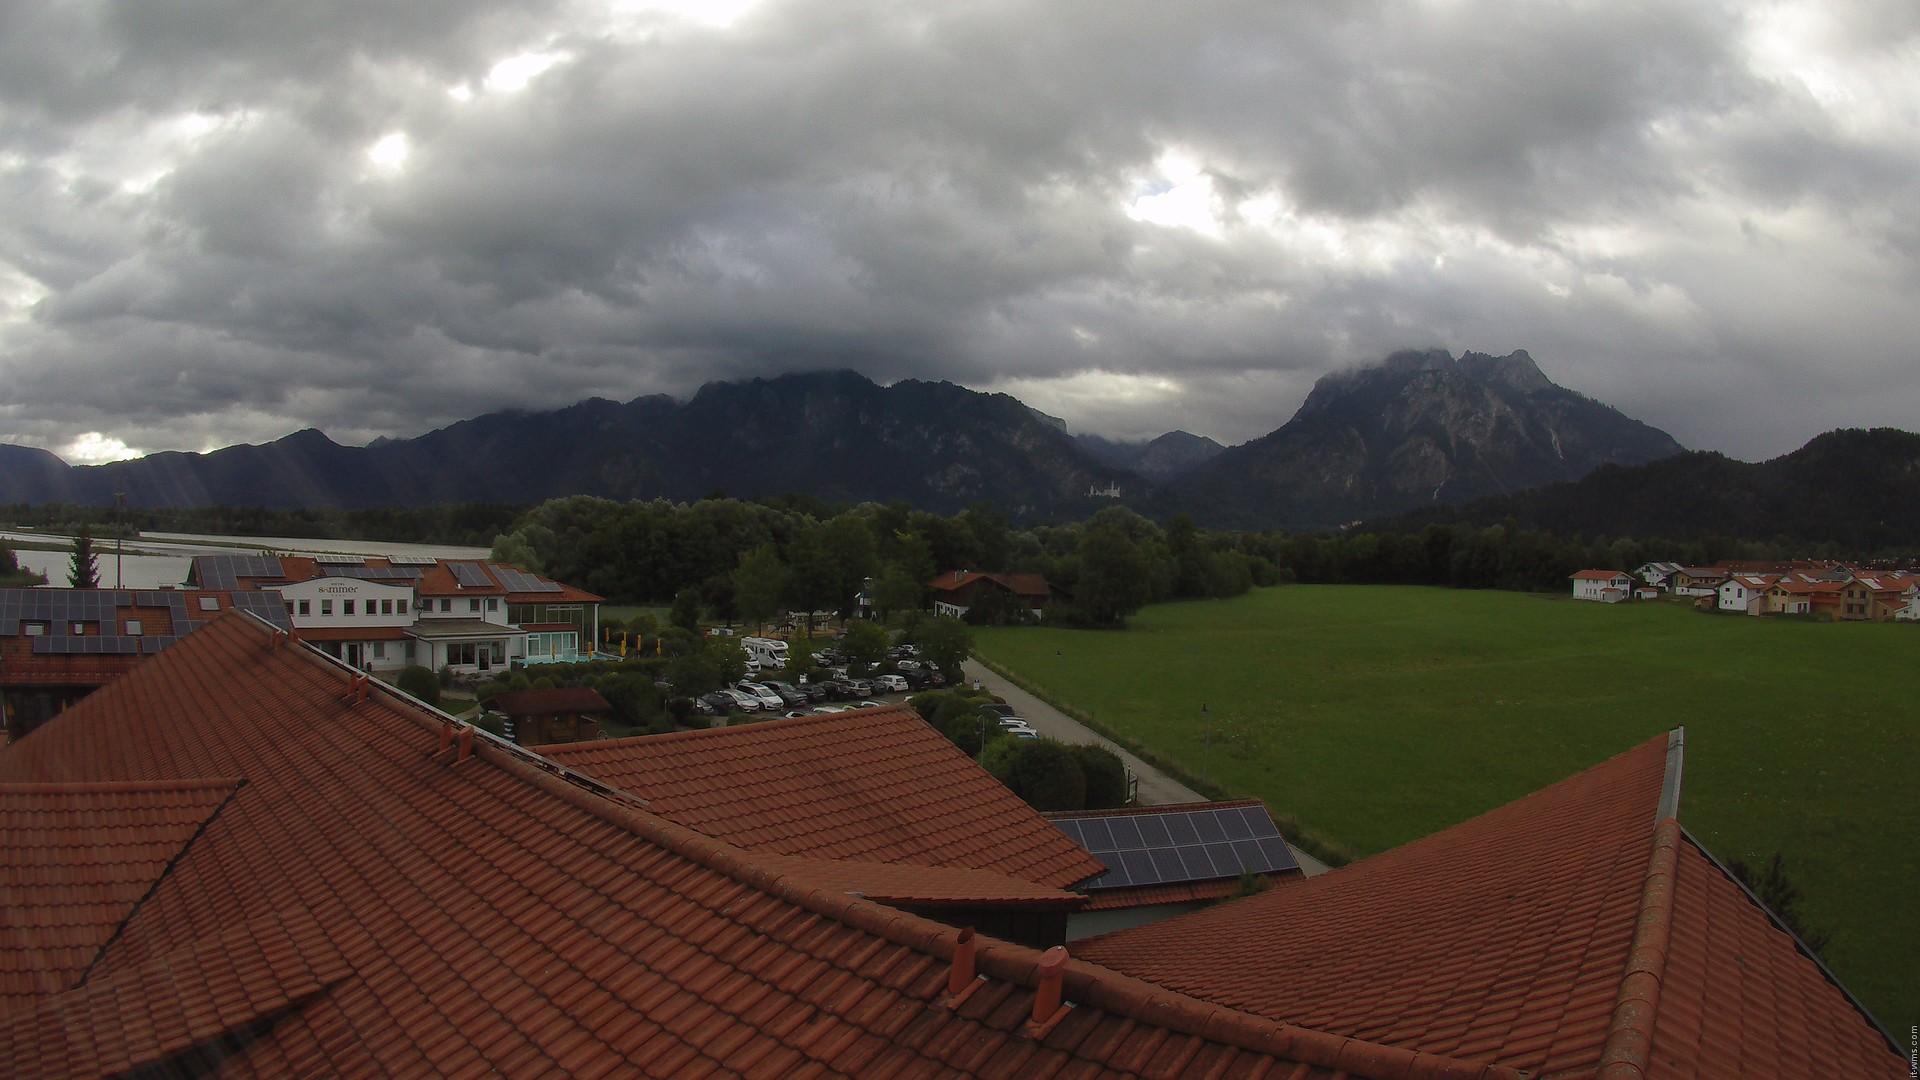 Hotel Sommer Webcam - aktueller Blick auf die Ostallgäuer Alpen